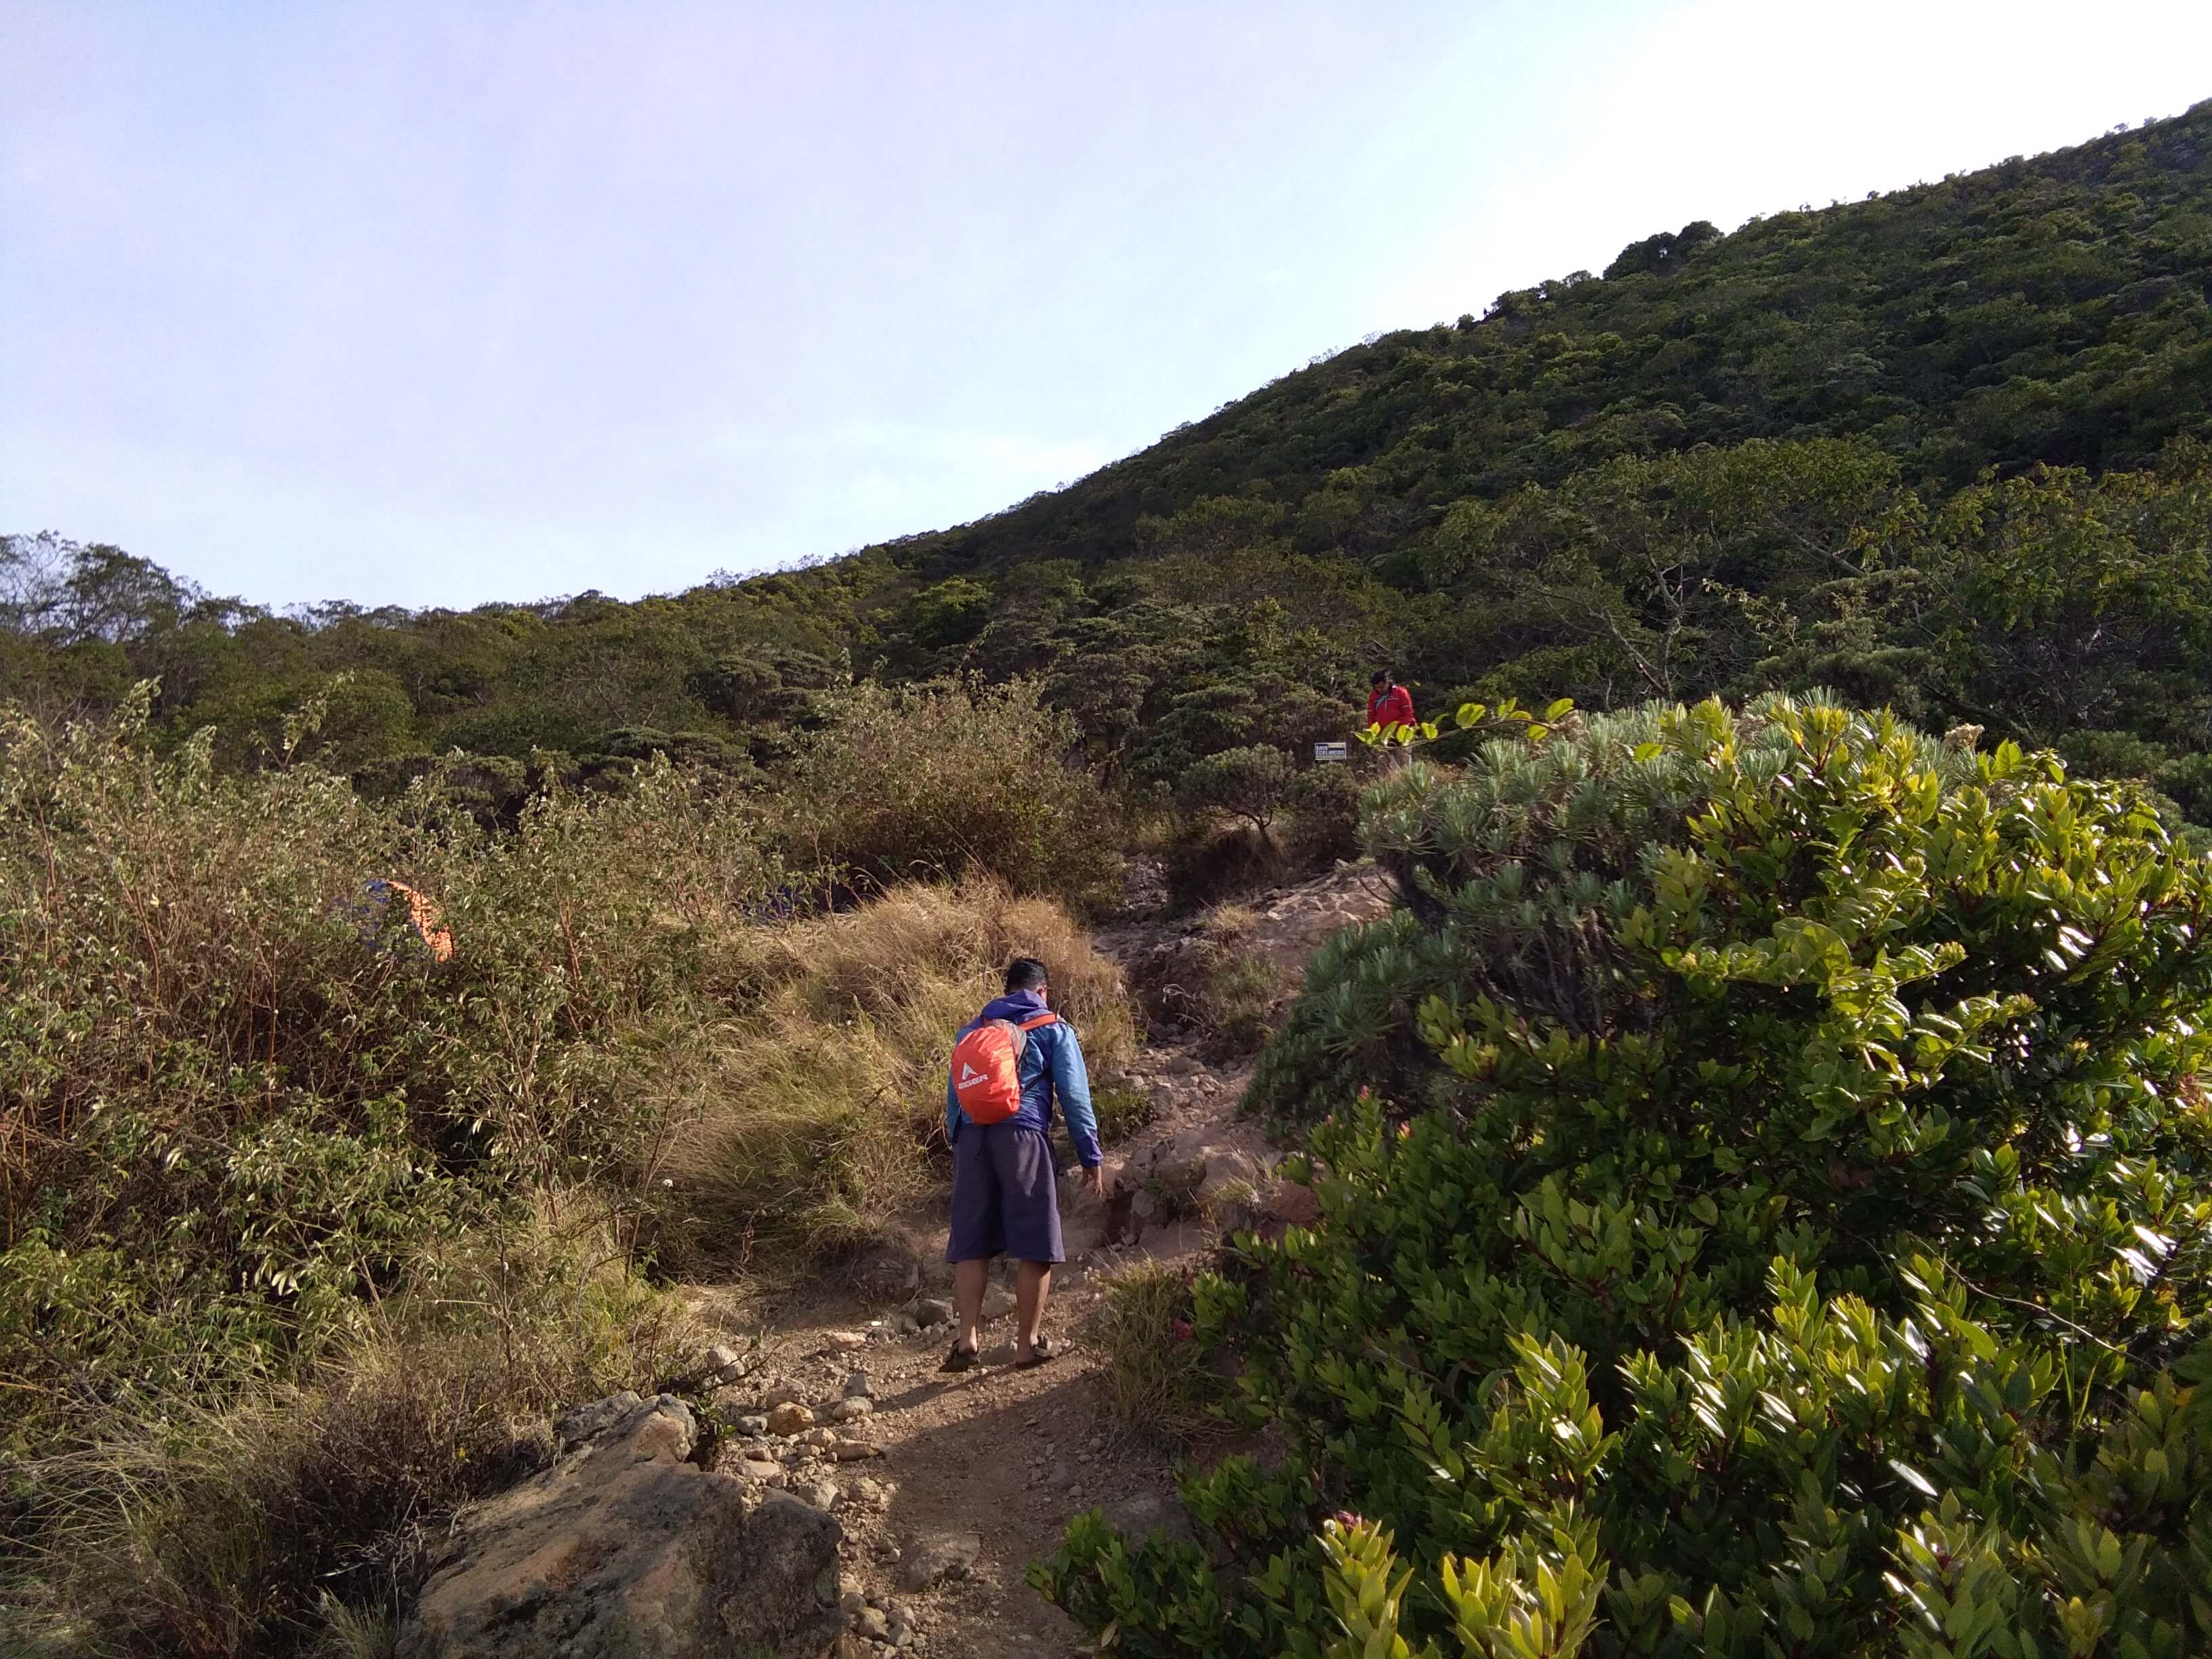 Jalur di atas Pos Goa Walet menuju Puncak Ciremai (Foto oleh : @afvendiant)